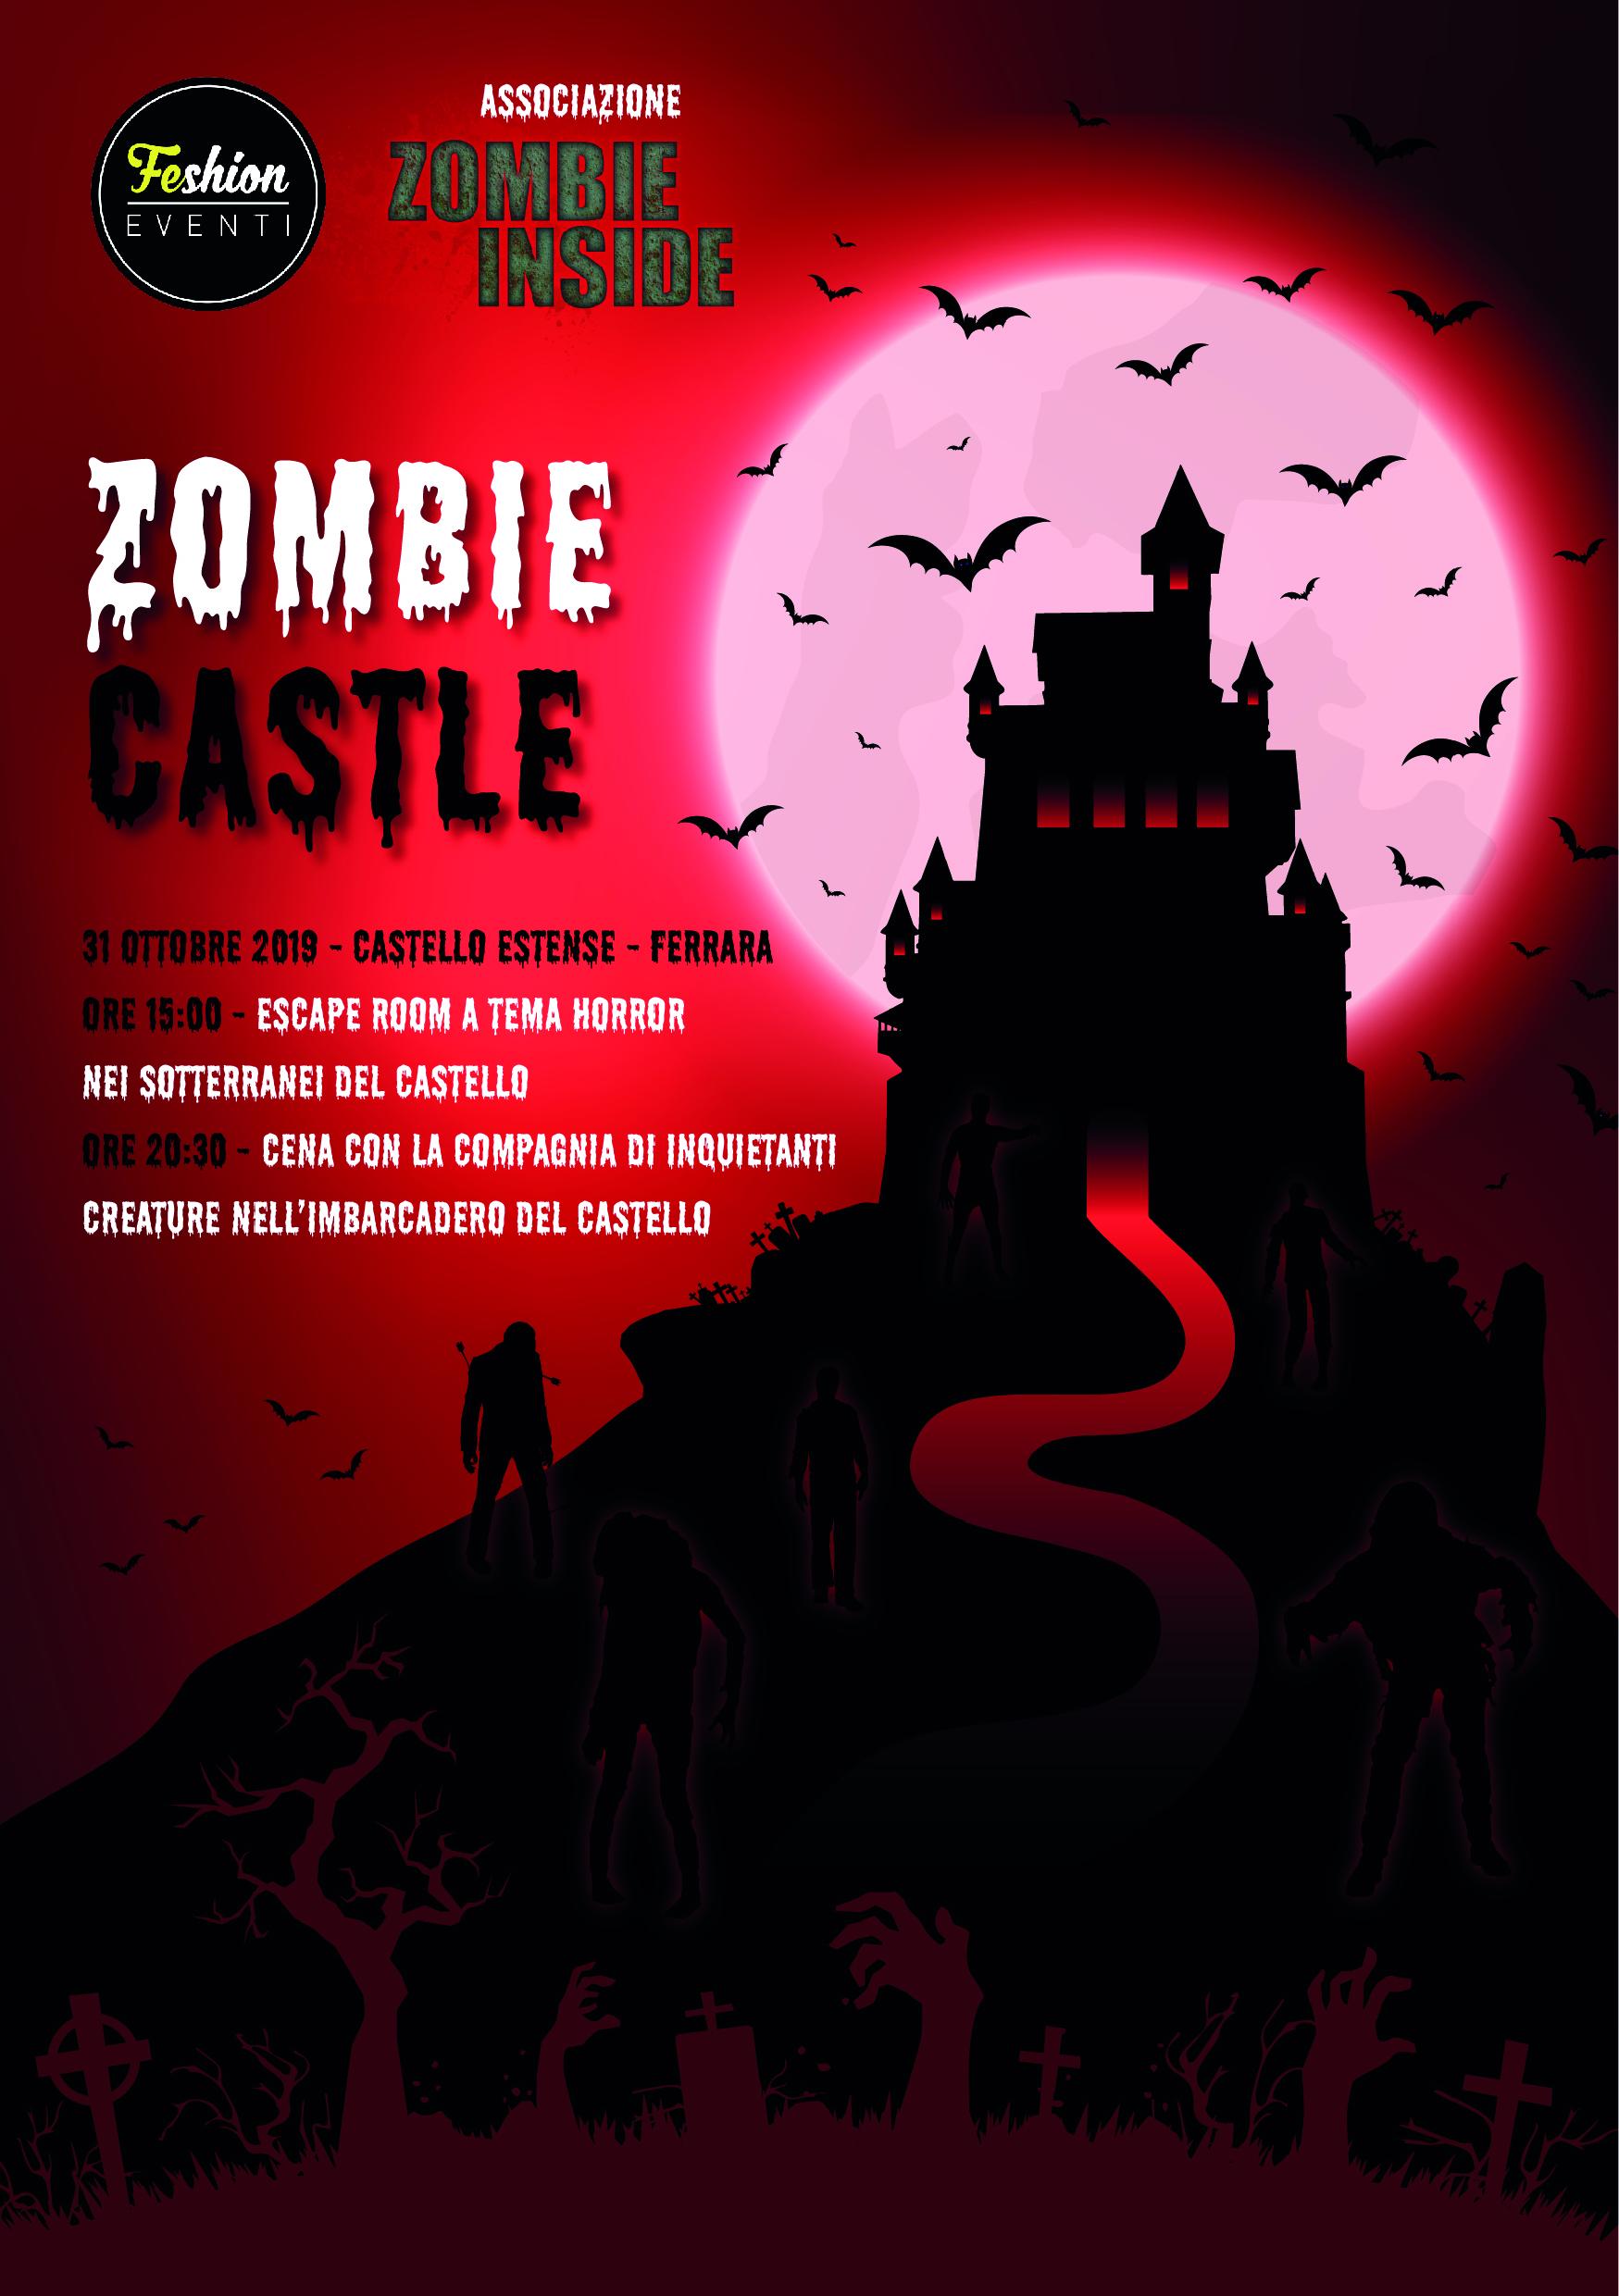 Letto A Castello A Ferrara.Zombie Castle Halloween Al Castello Estense Feshion